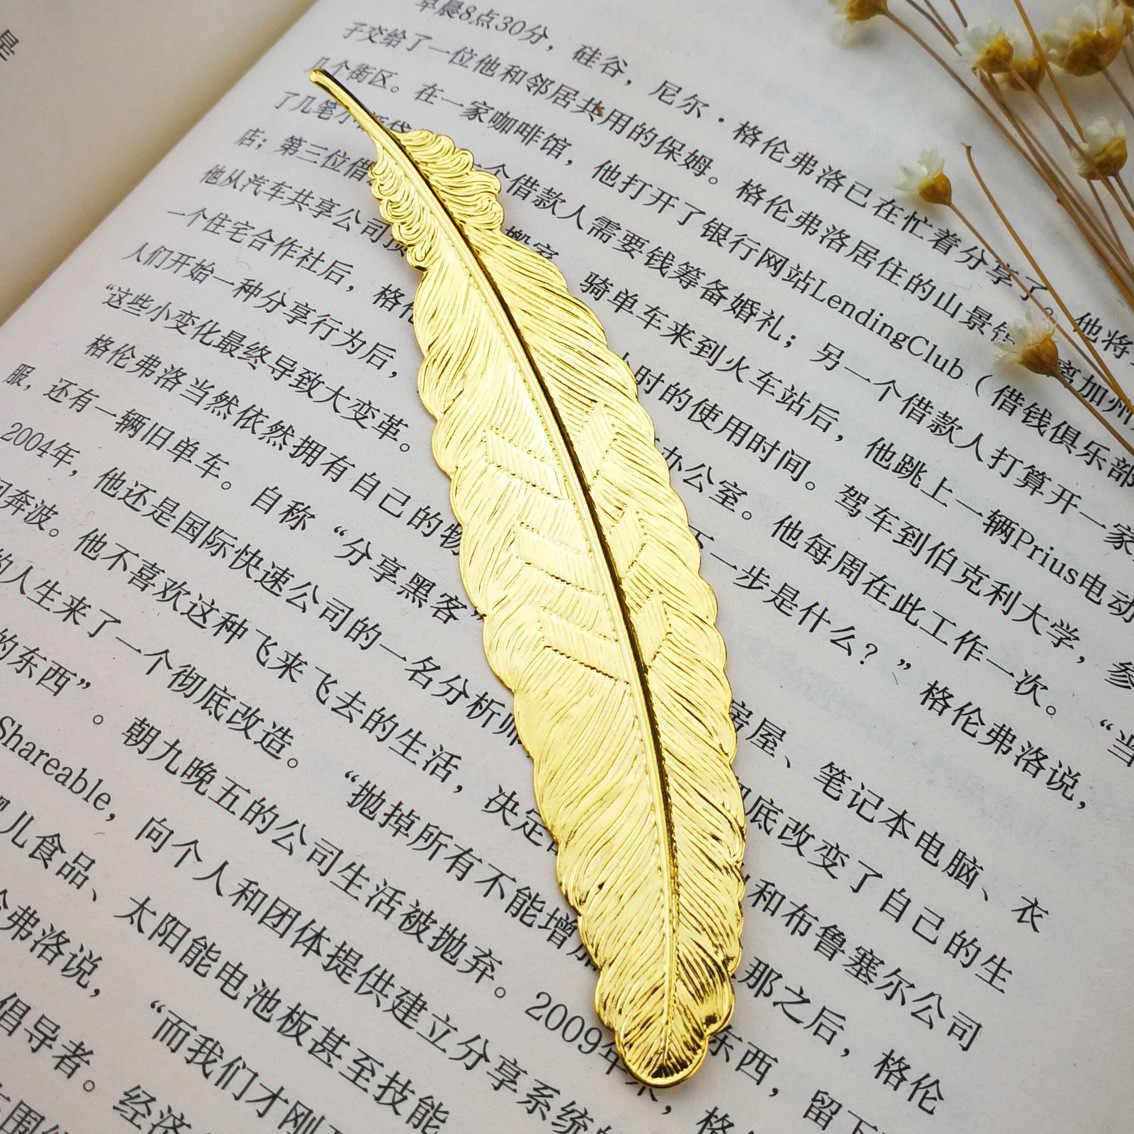 金属の羽のしおりブックマーカーゲストのための花嫁介添人ギフトベビーお土産バック学校にパーティー好意プレゼント